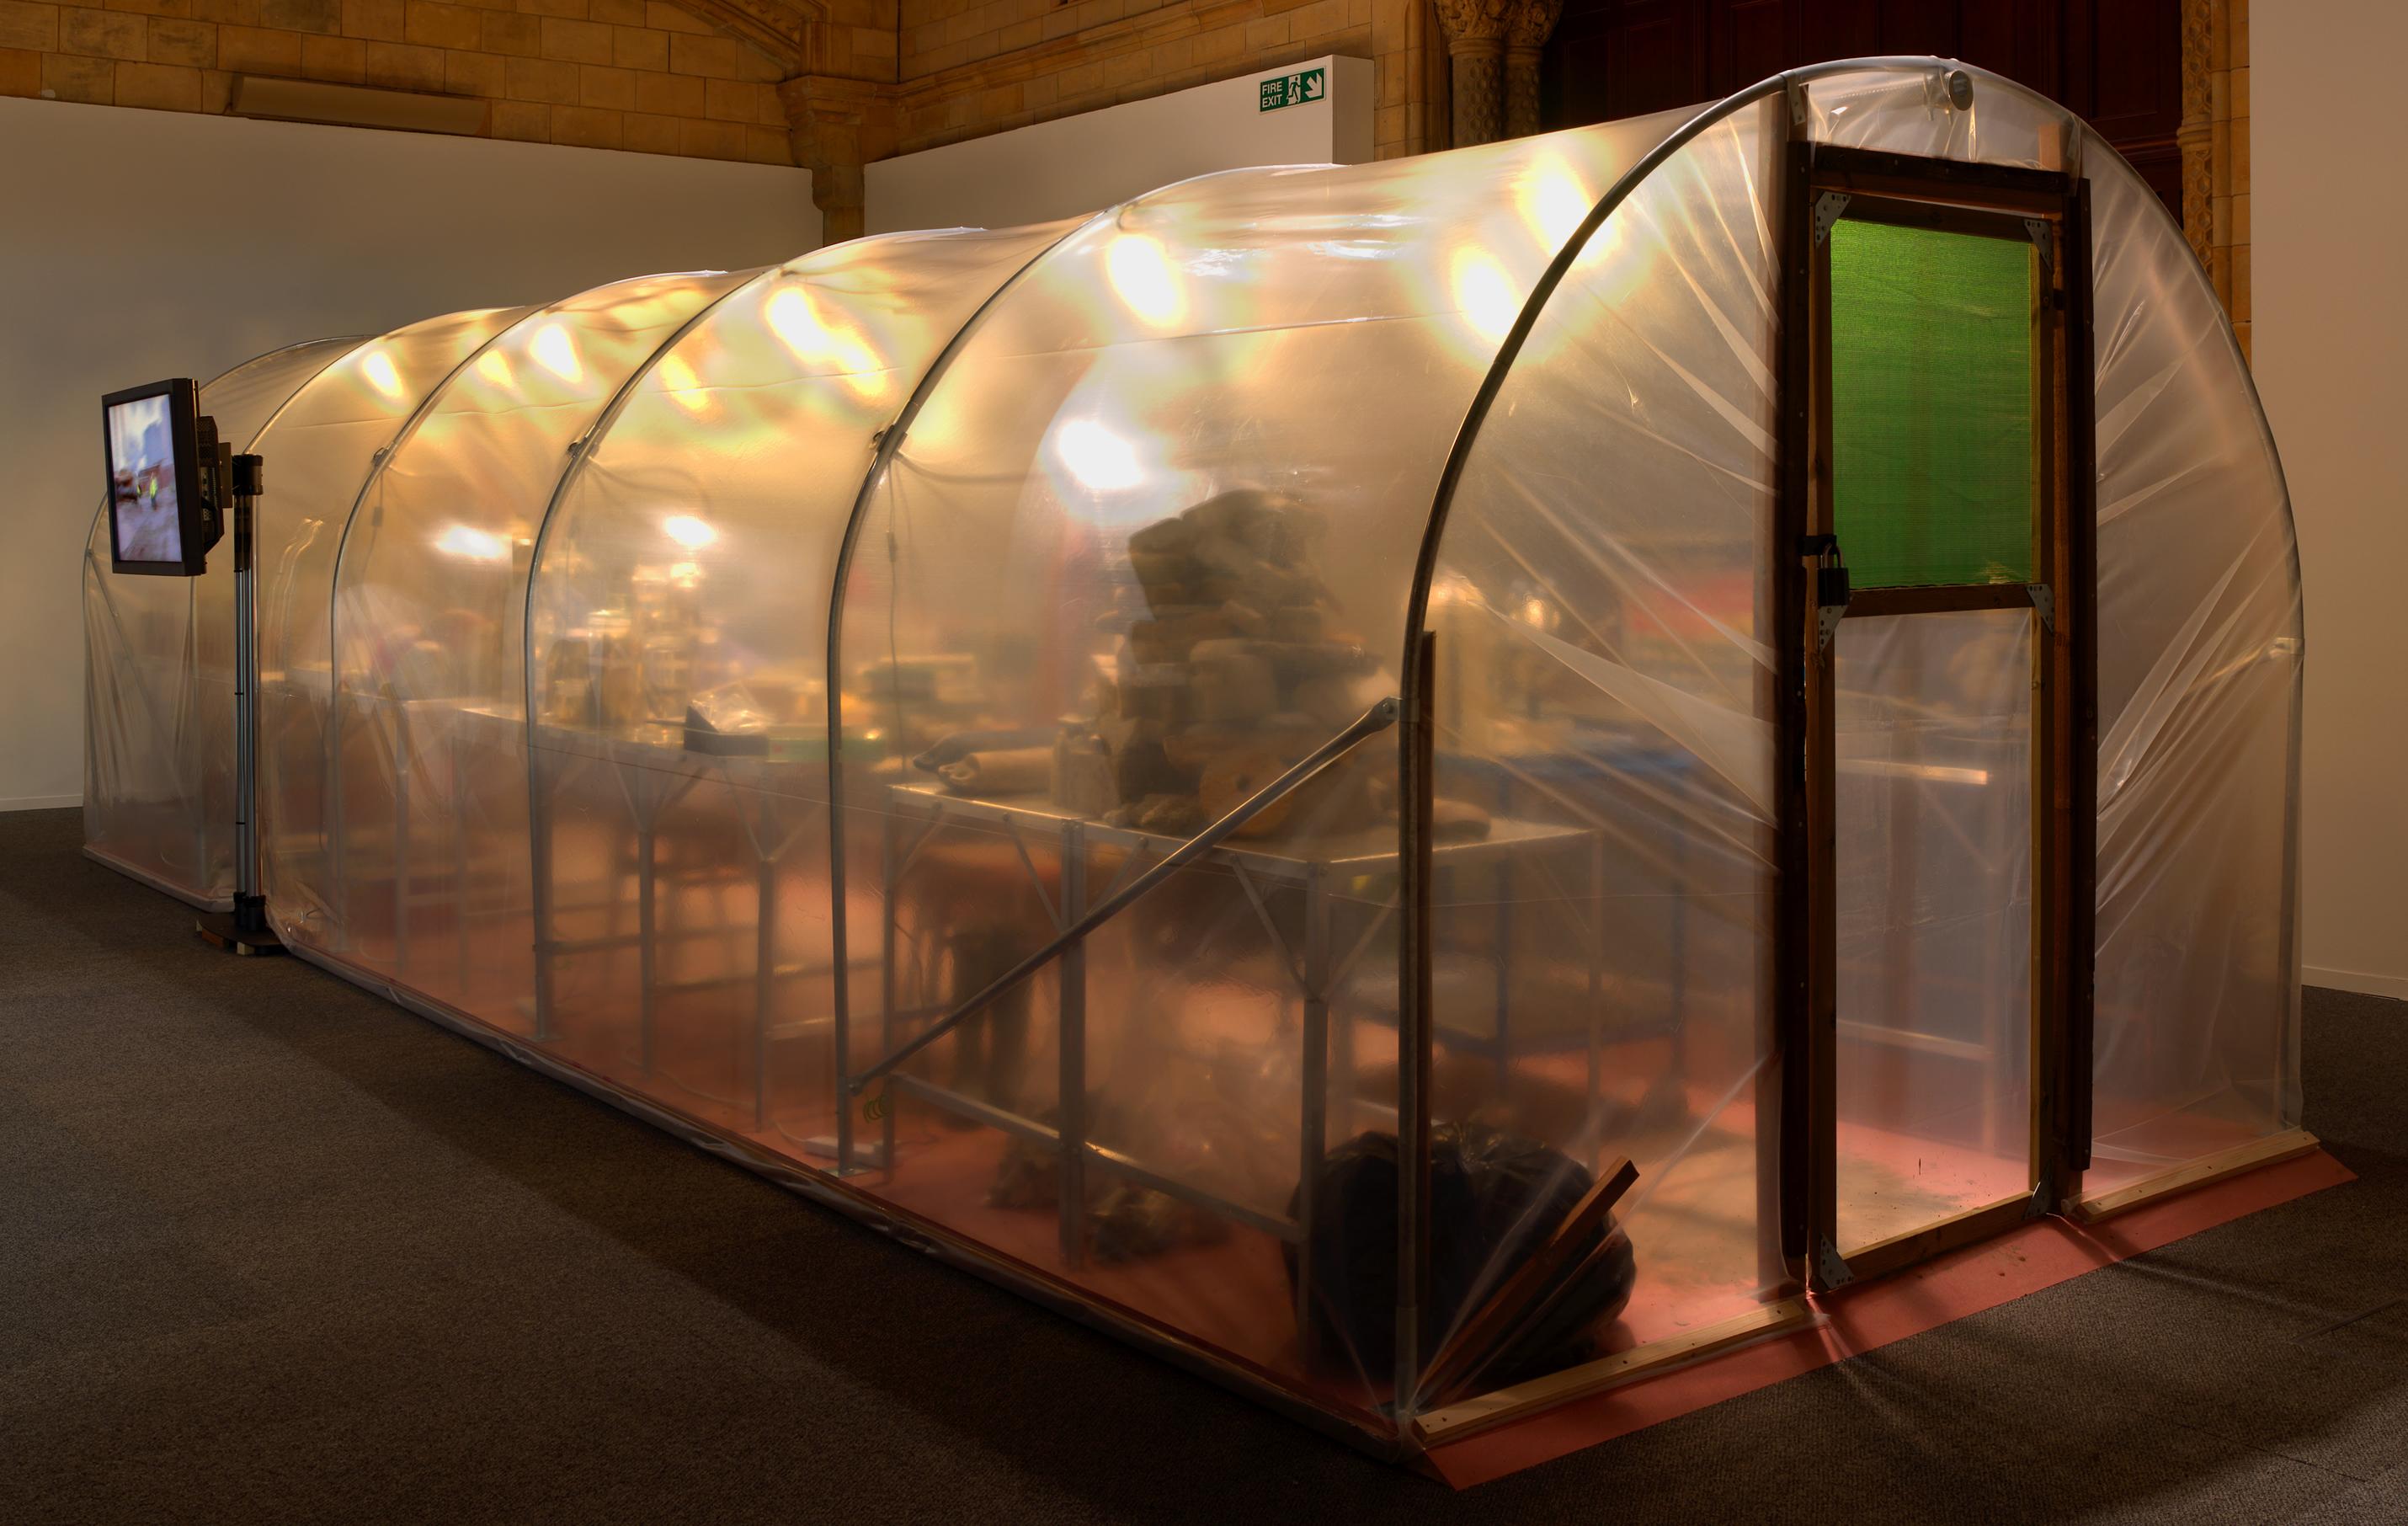 Mark Dion. Fieldwork 04 (2007). Instalación, materiales diversos. (Vista en diagonal de la instalación del laboratorio de trabajo de campo)